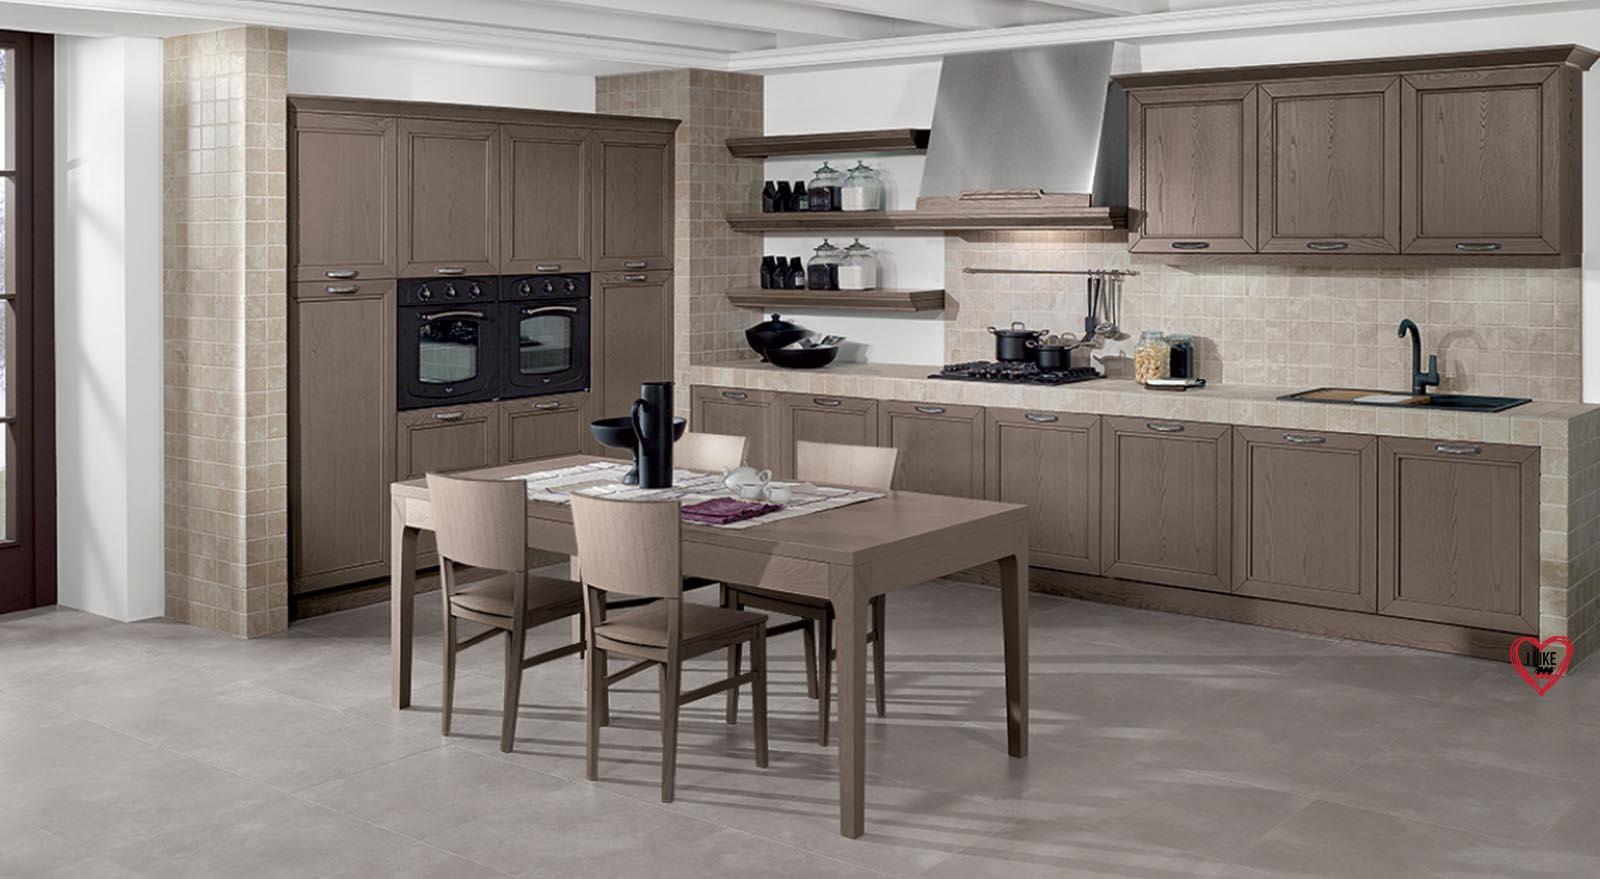 Vendita di cucine classiche a padova cucine eleganti e in muratura in offerta - Immagini di cucine classiche ...